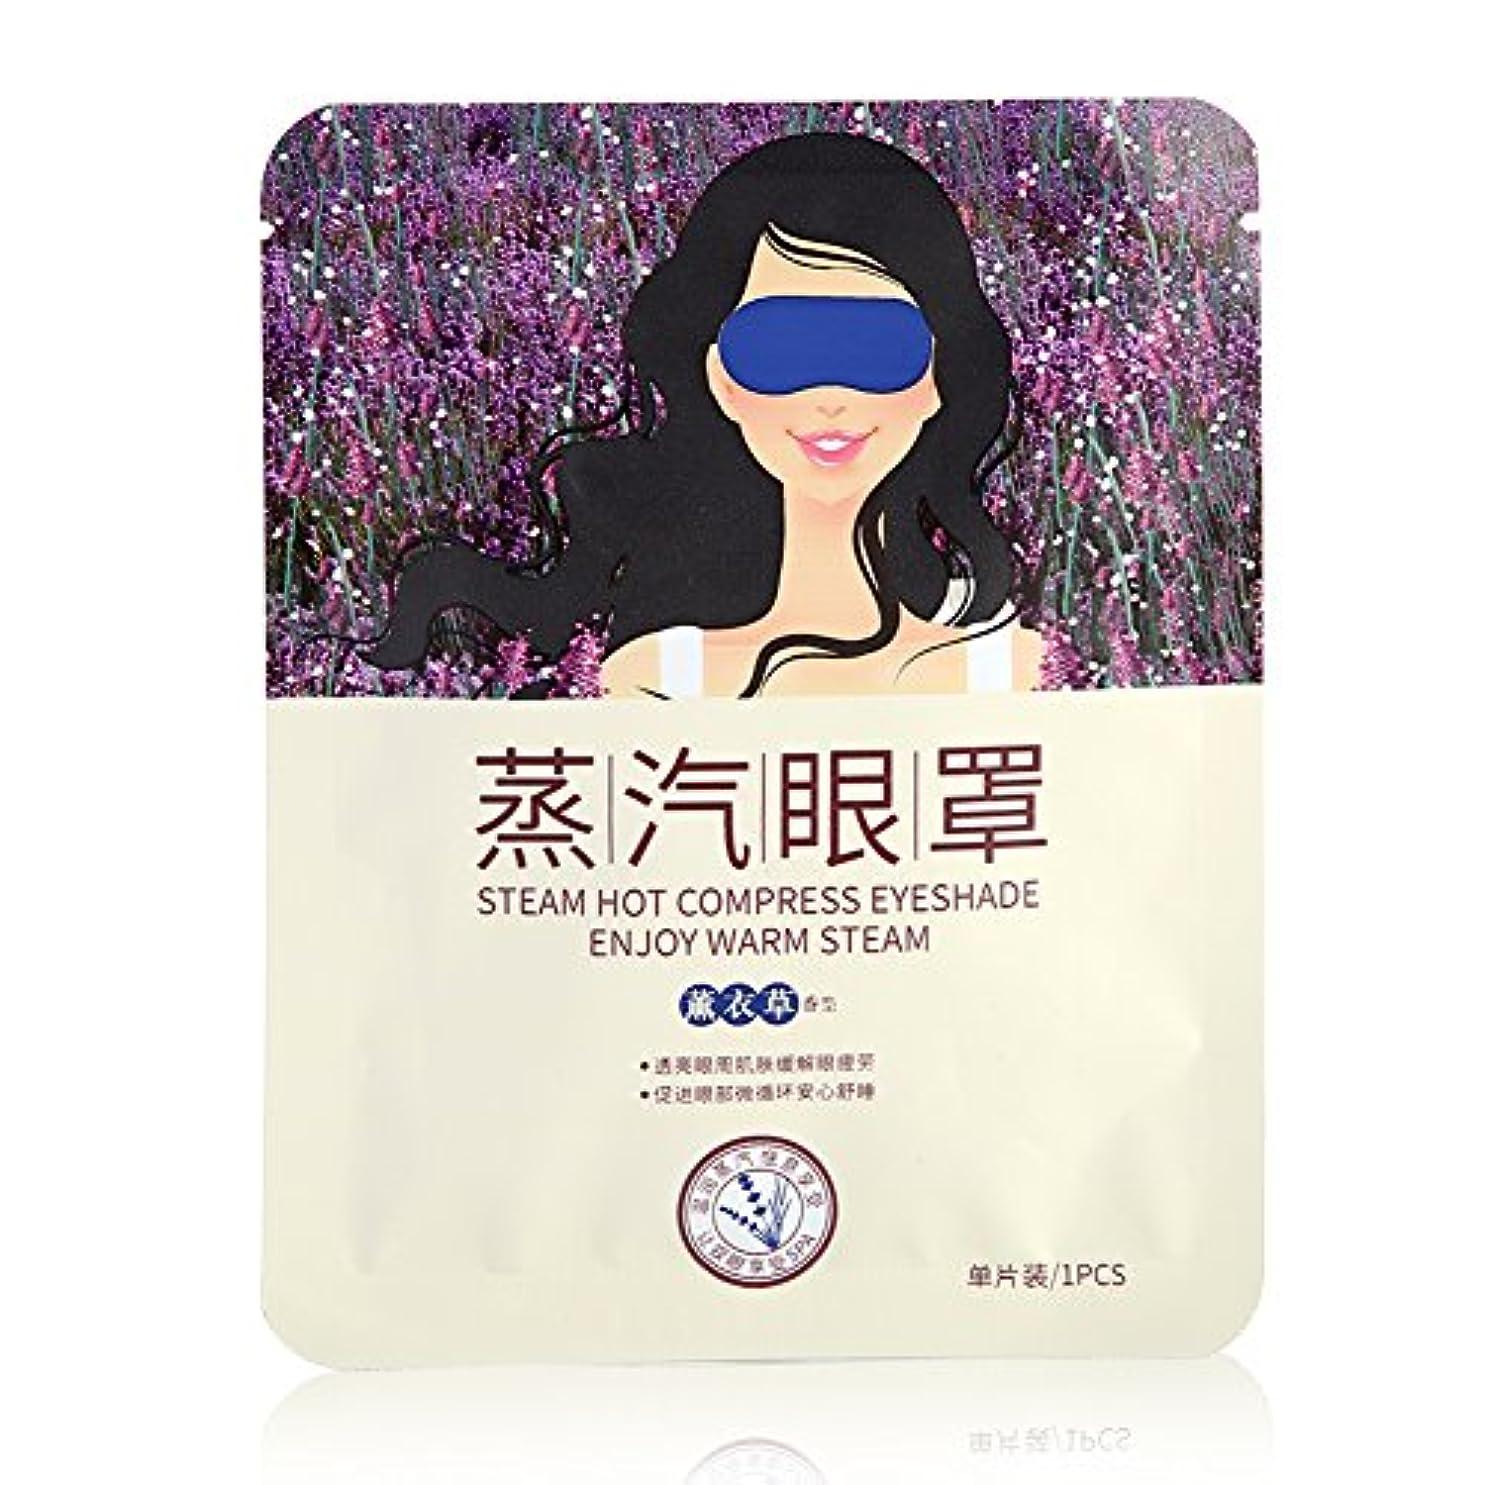 遠足ファントム通信網Eboxer 蒸気でホットアイマスク ラベンダーの香り 目もとを温めく 軽量 目の疲れ解消 男女通用 安眠 圧迫感なし 遮光 睡眠 ストレス解消